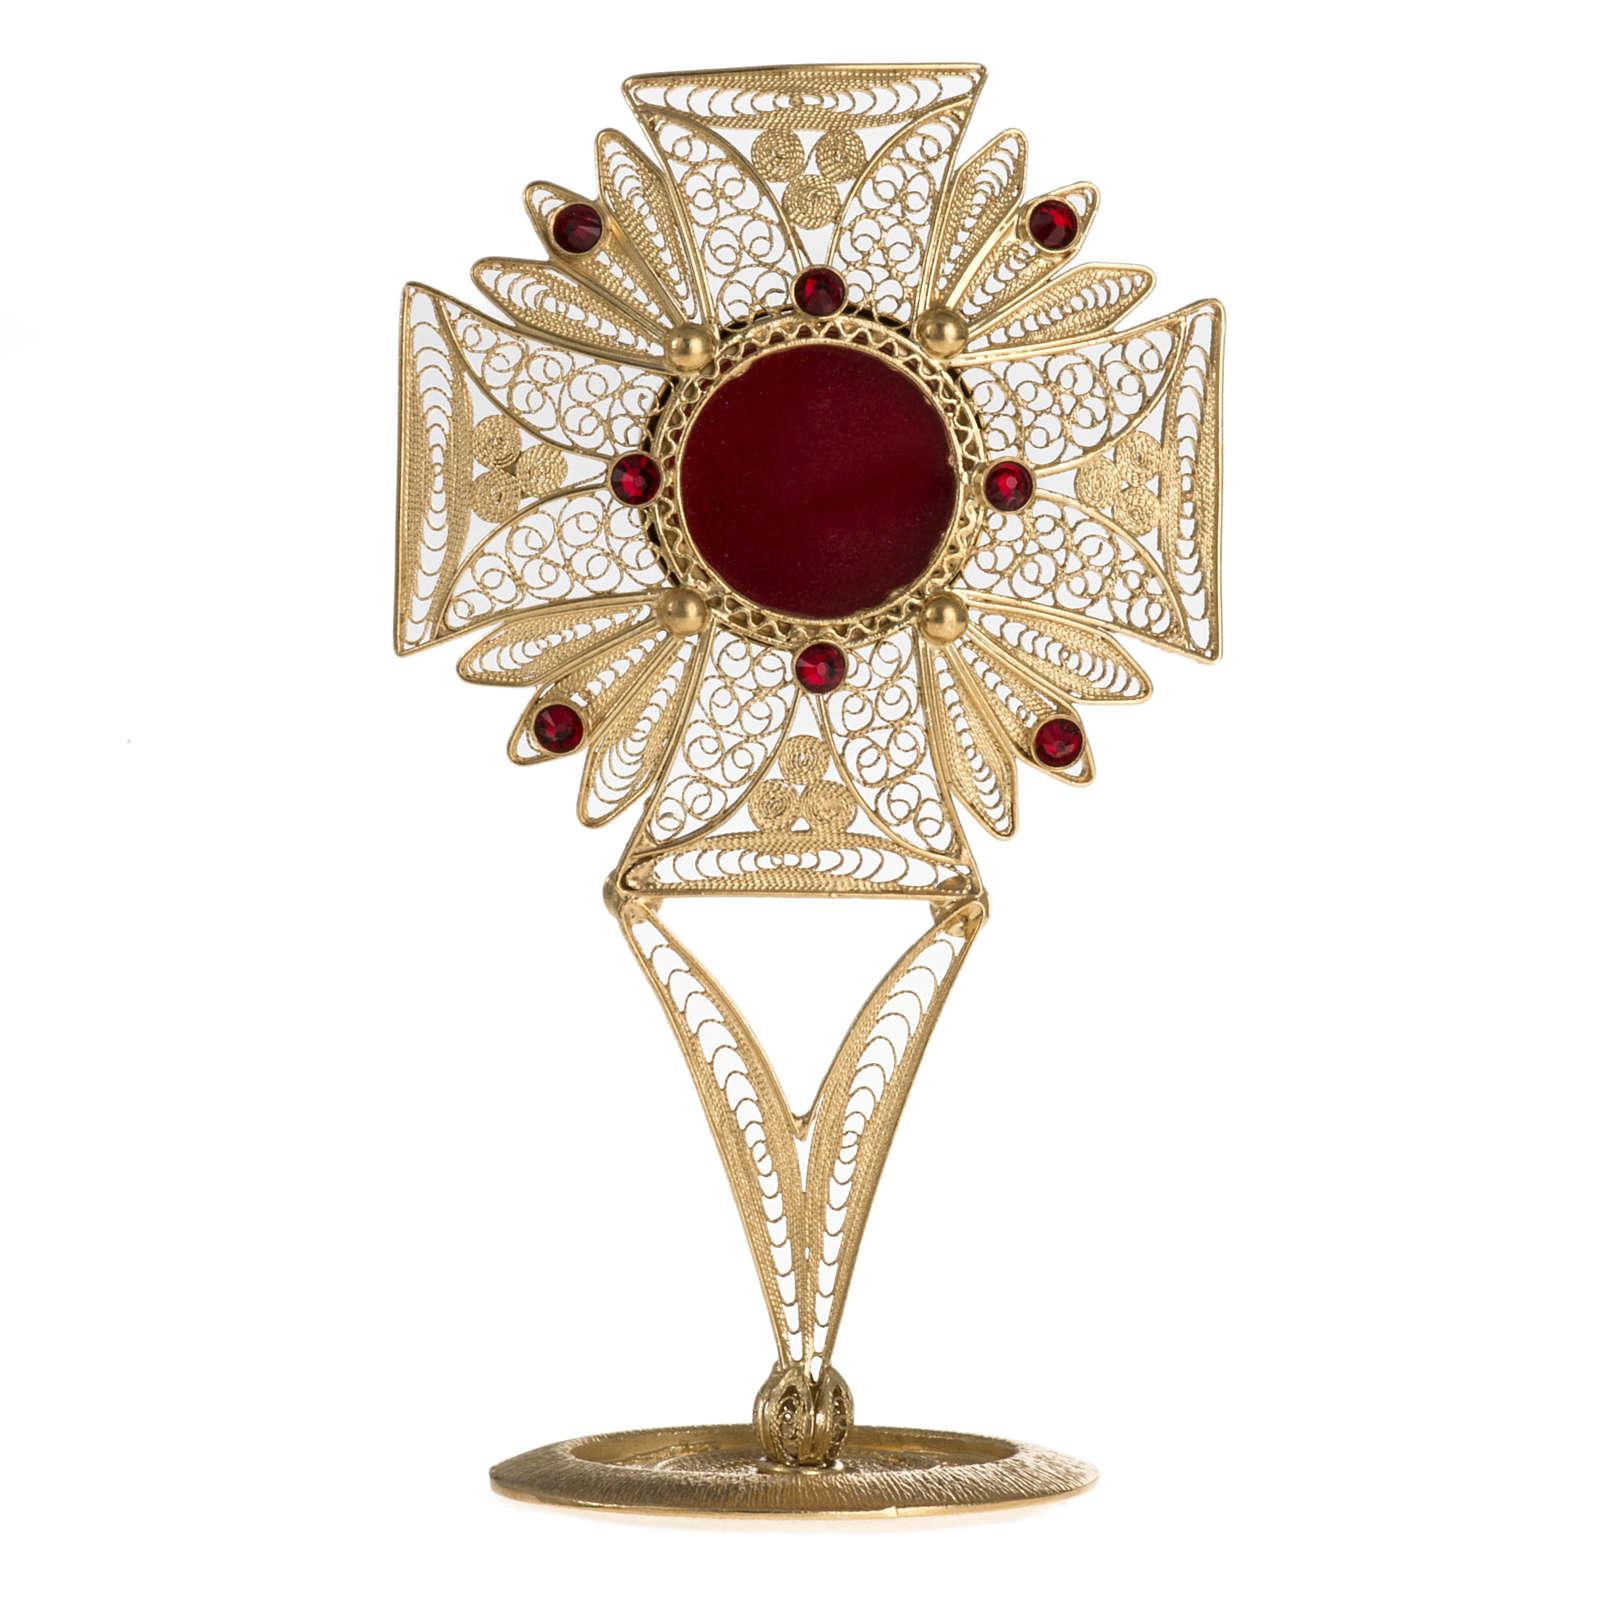 Reliquiario filigrana argento 800 ricami pietre rosse 4